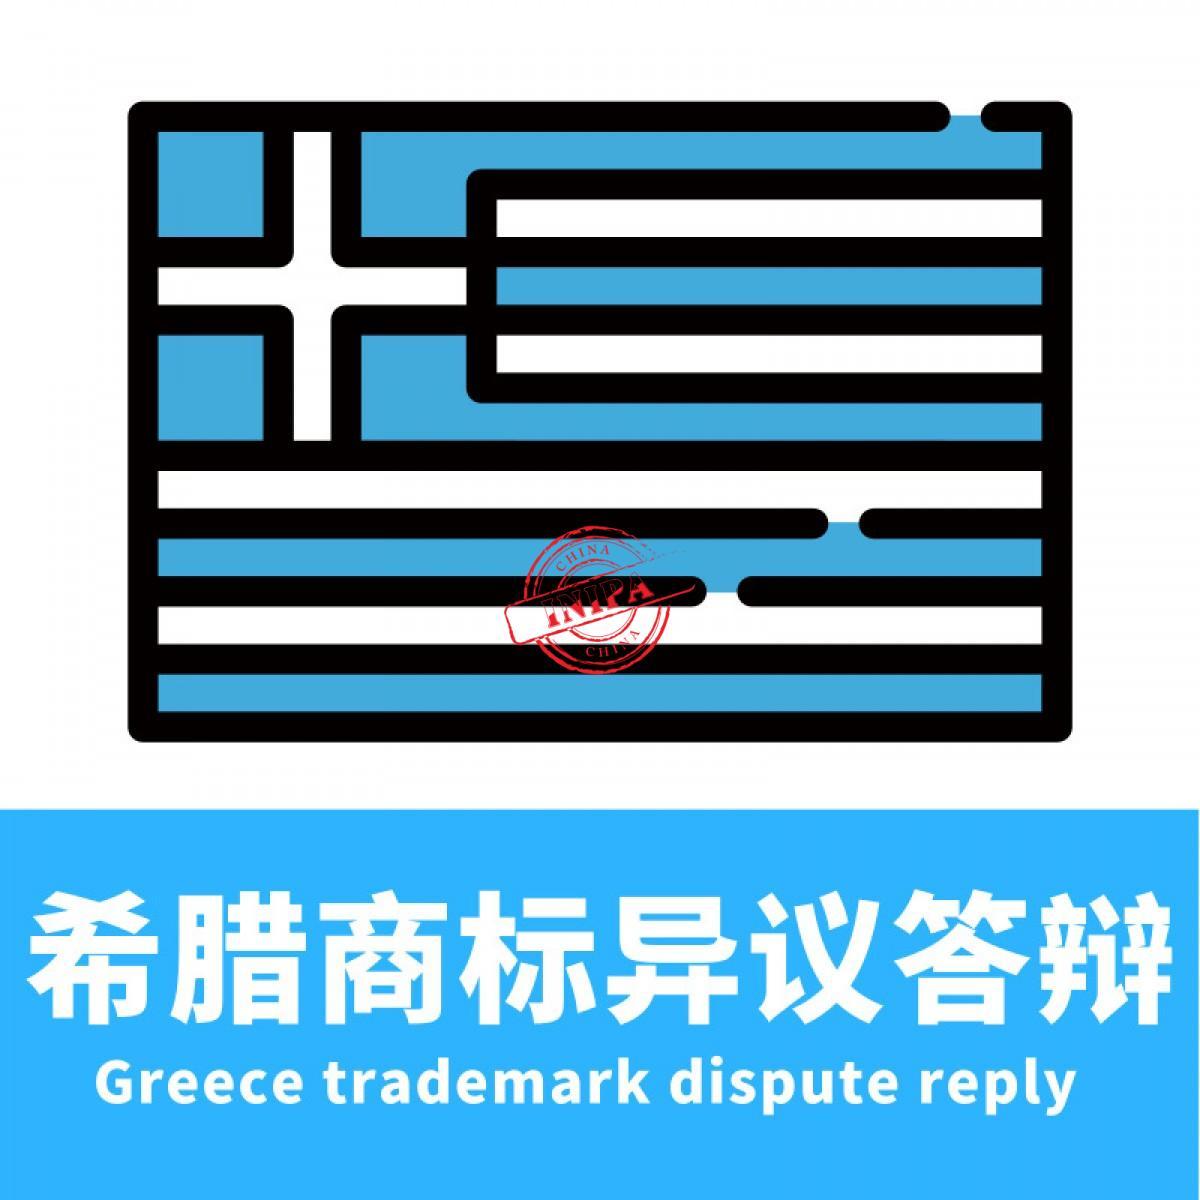 香港商标异议答辩.jpg